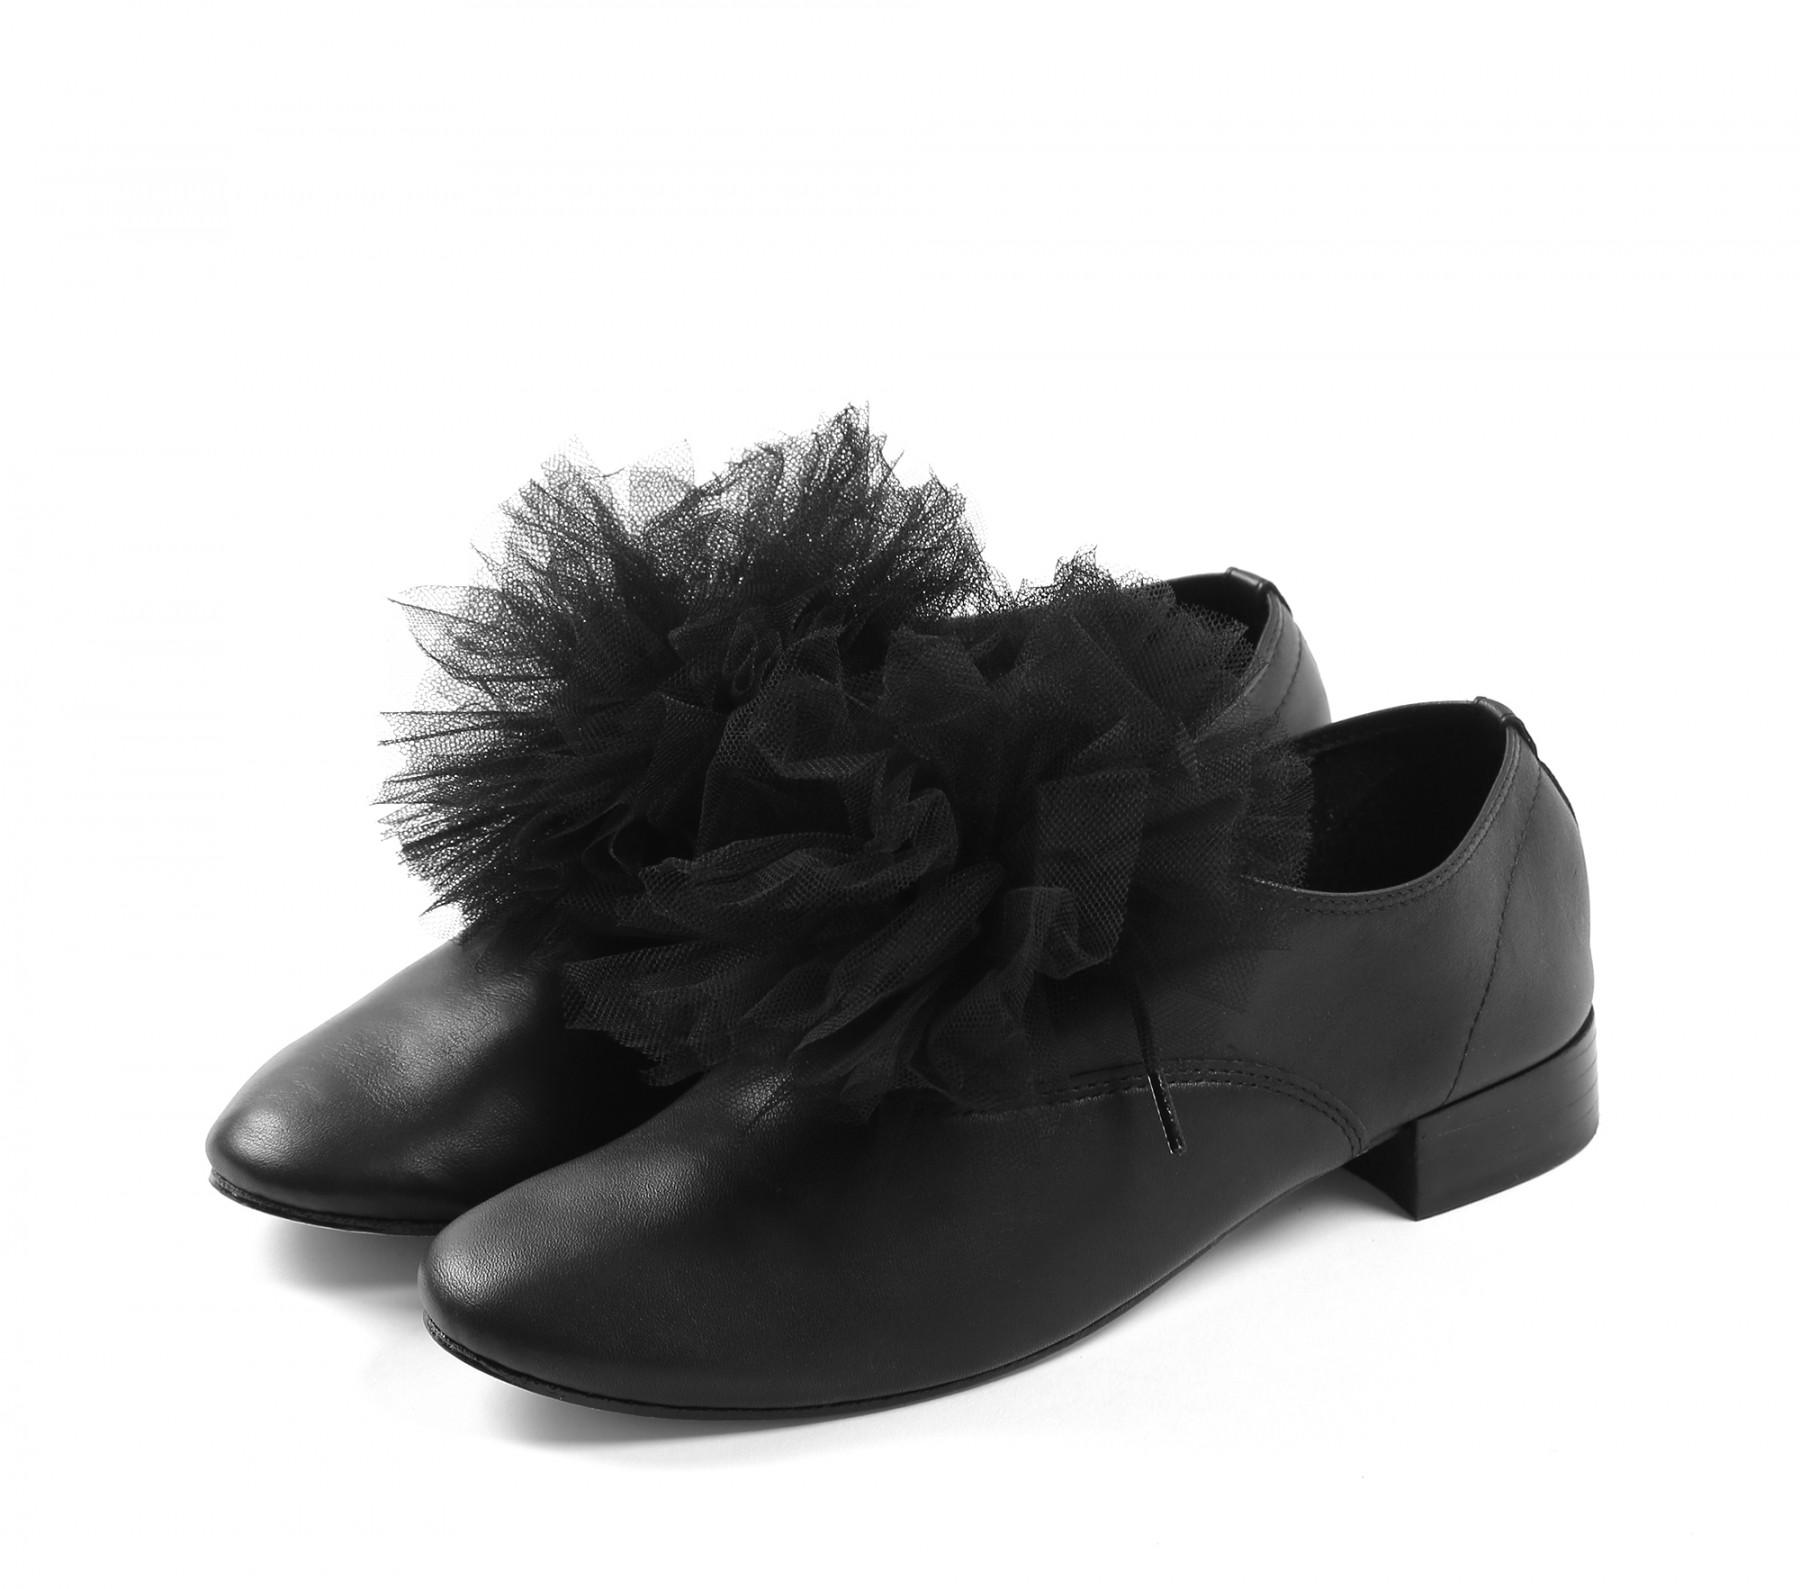 Repetto X Karena Lam Zizi oxford shoes